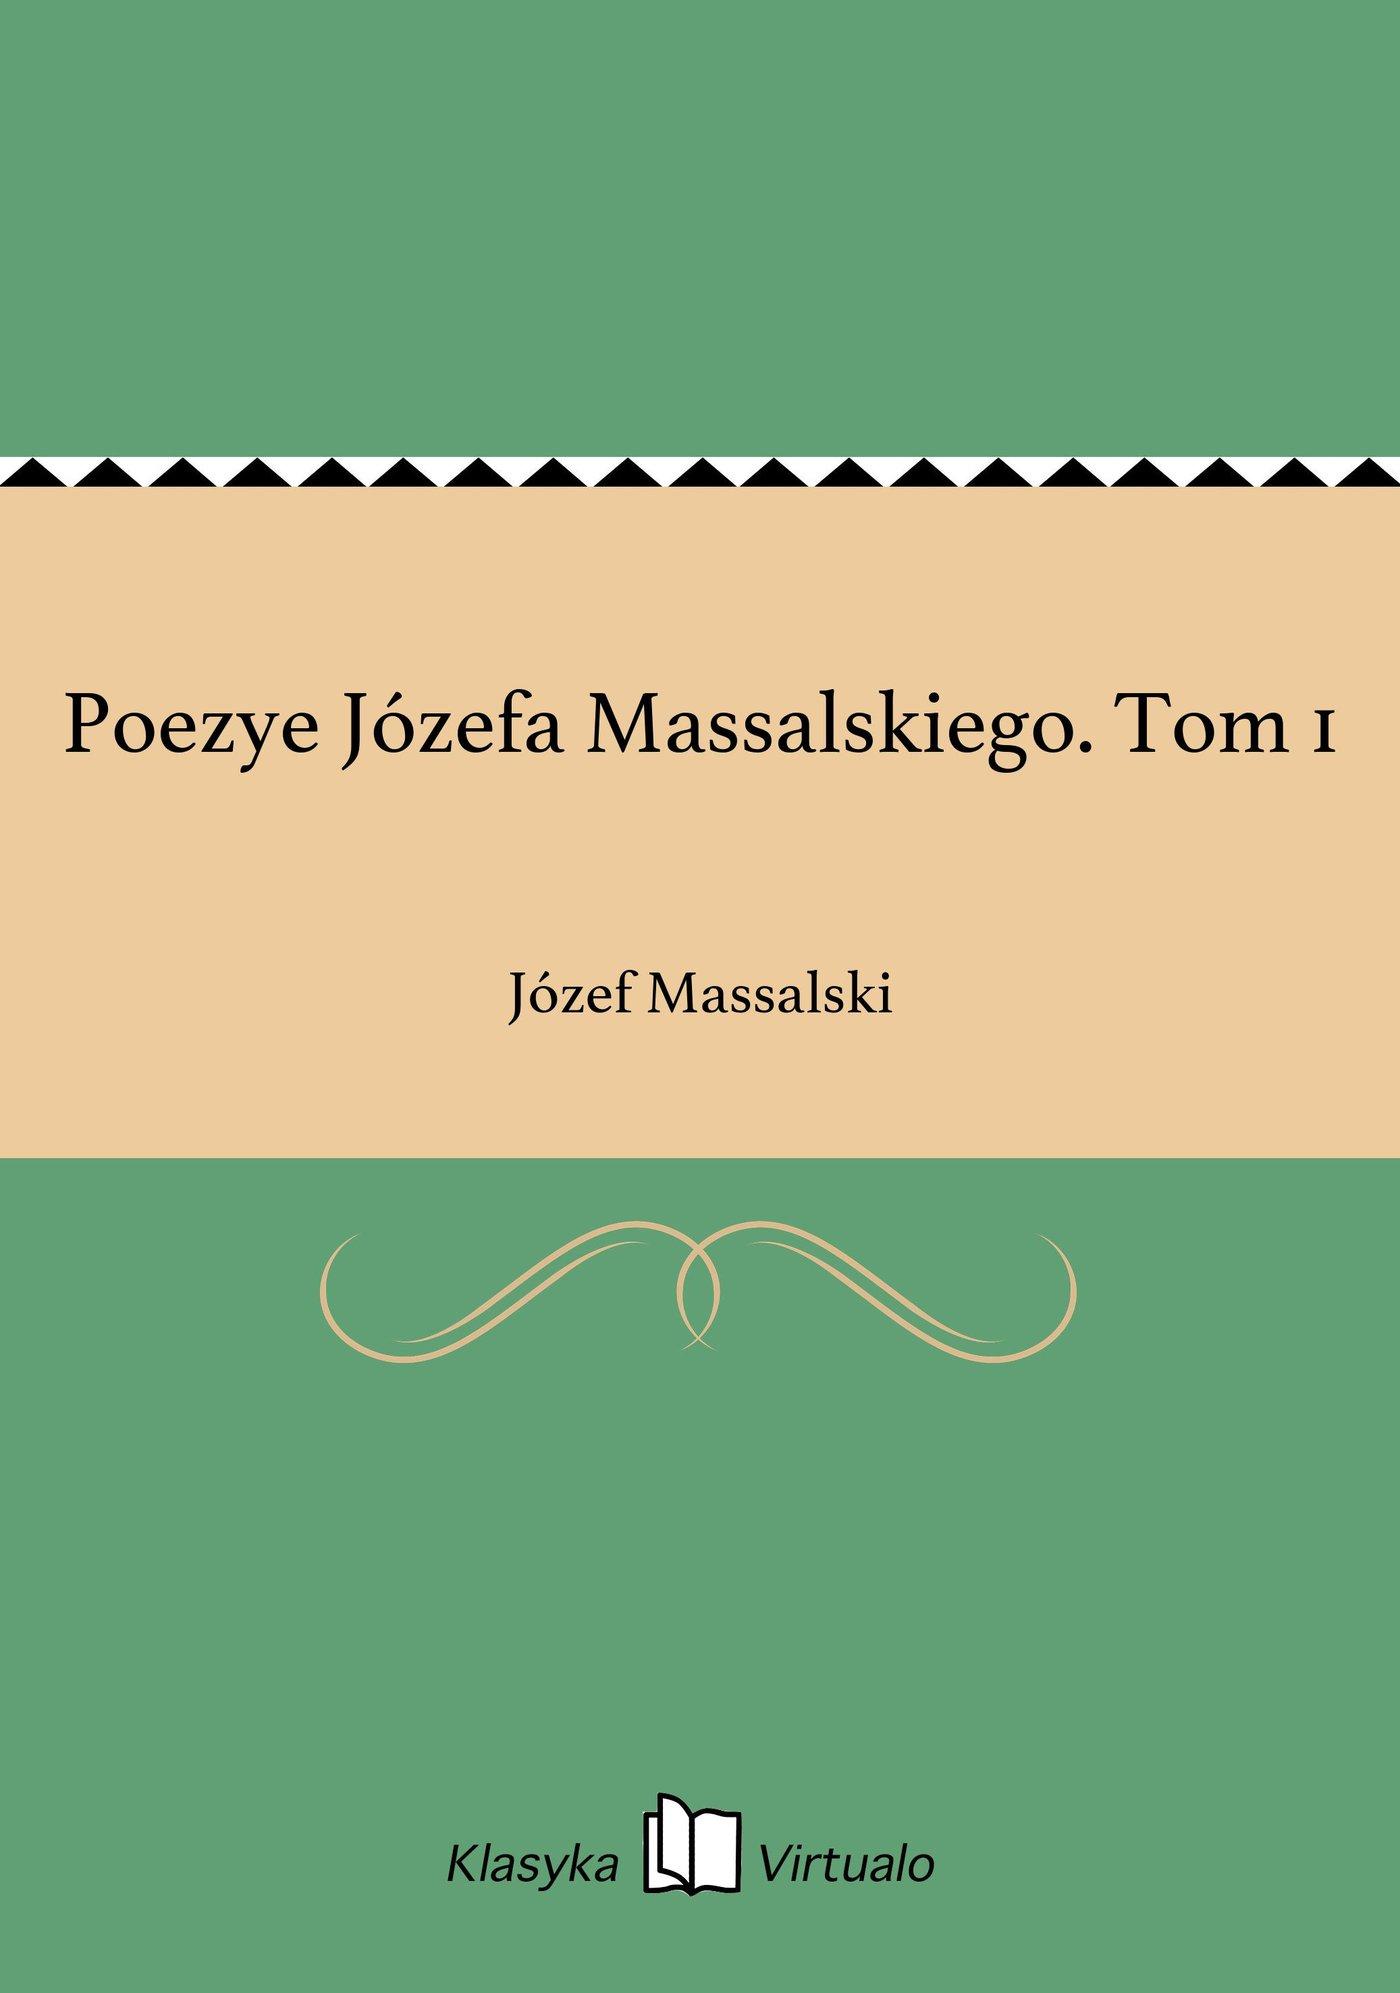 Poezye Józefa Massalskiego. Tom 1 - Ebook (Książka EPUB) do pobrania w formacie EPUB